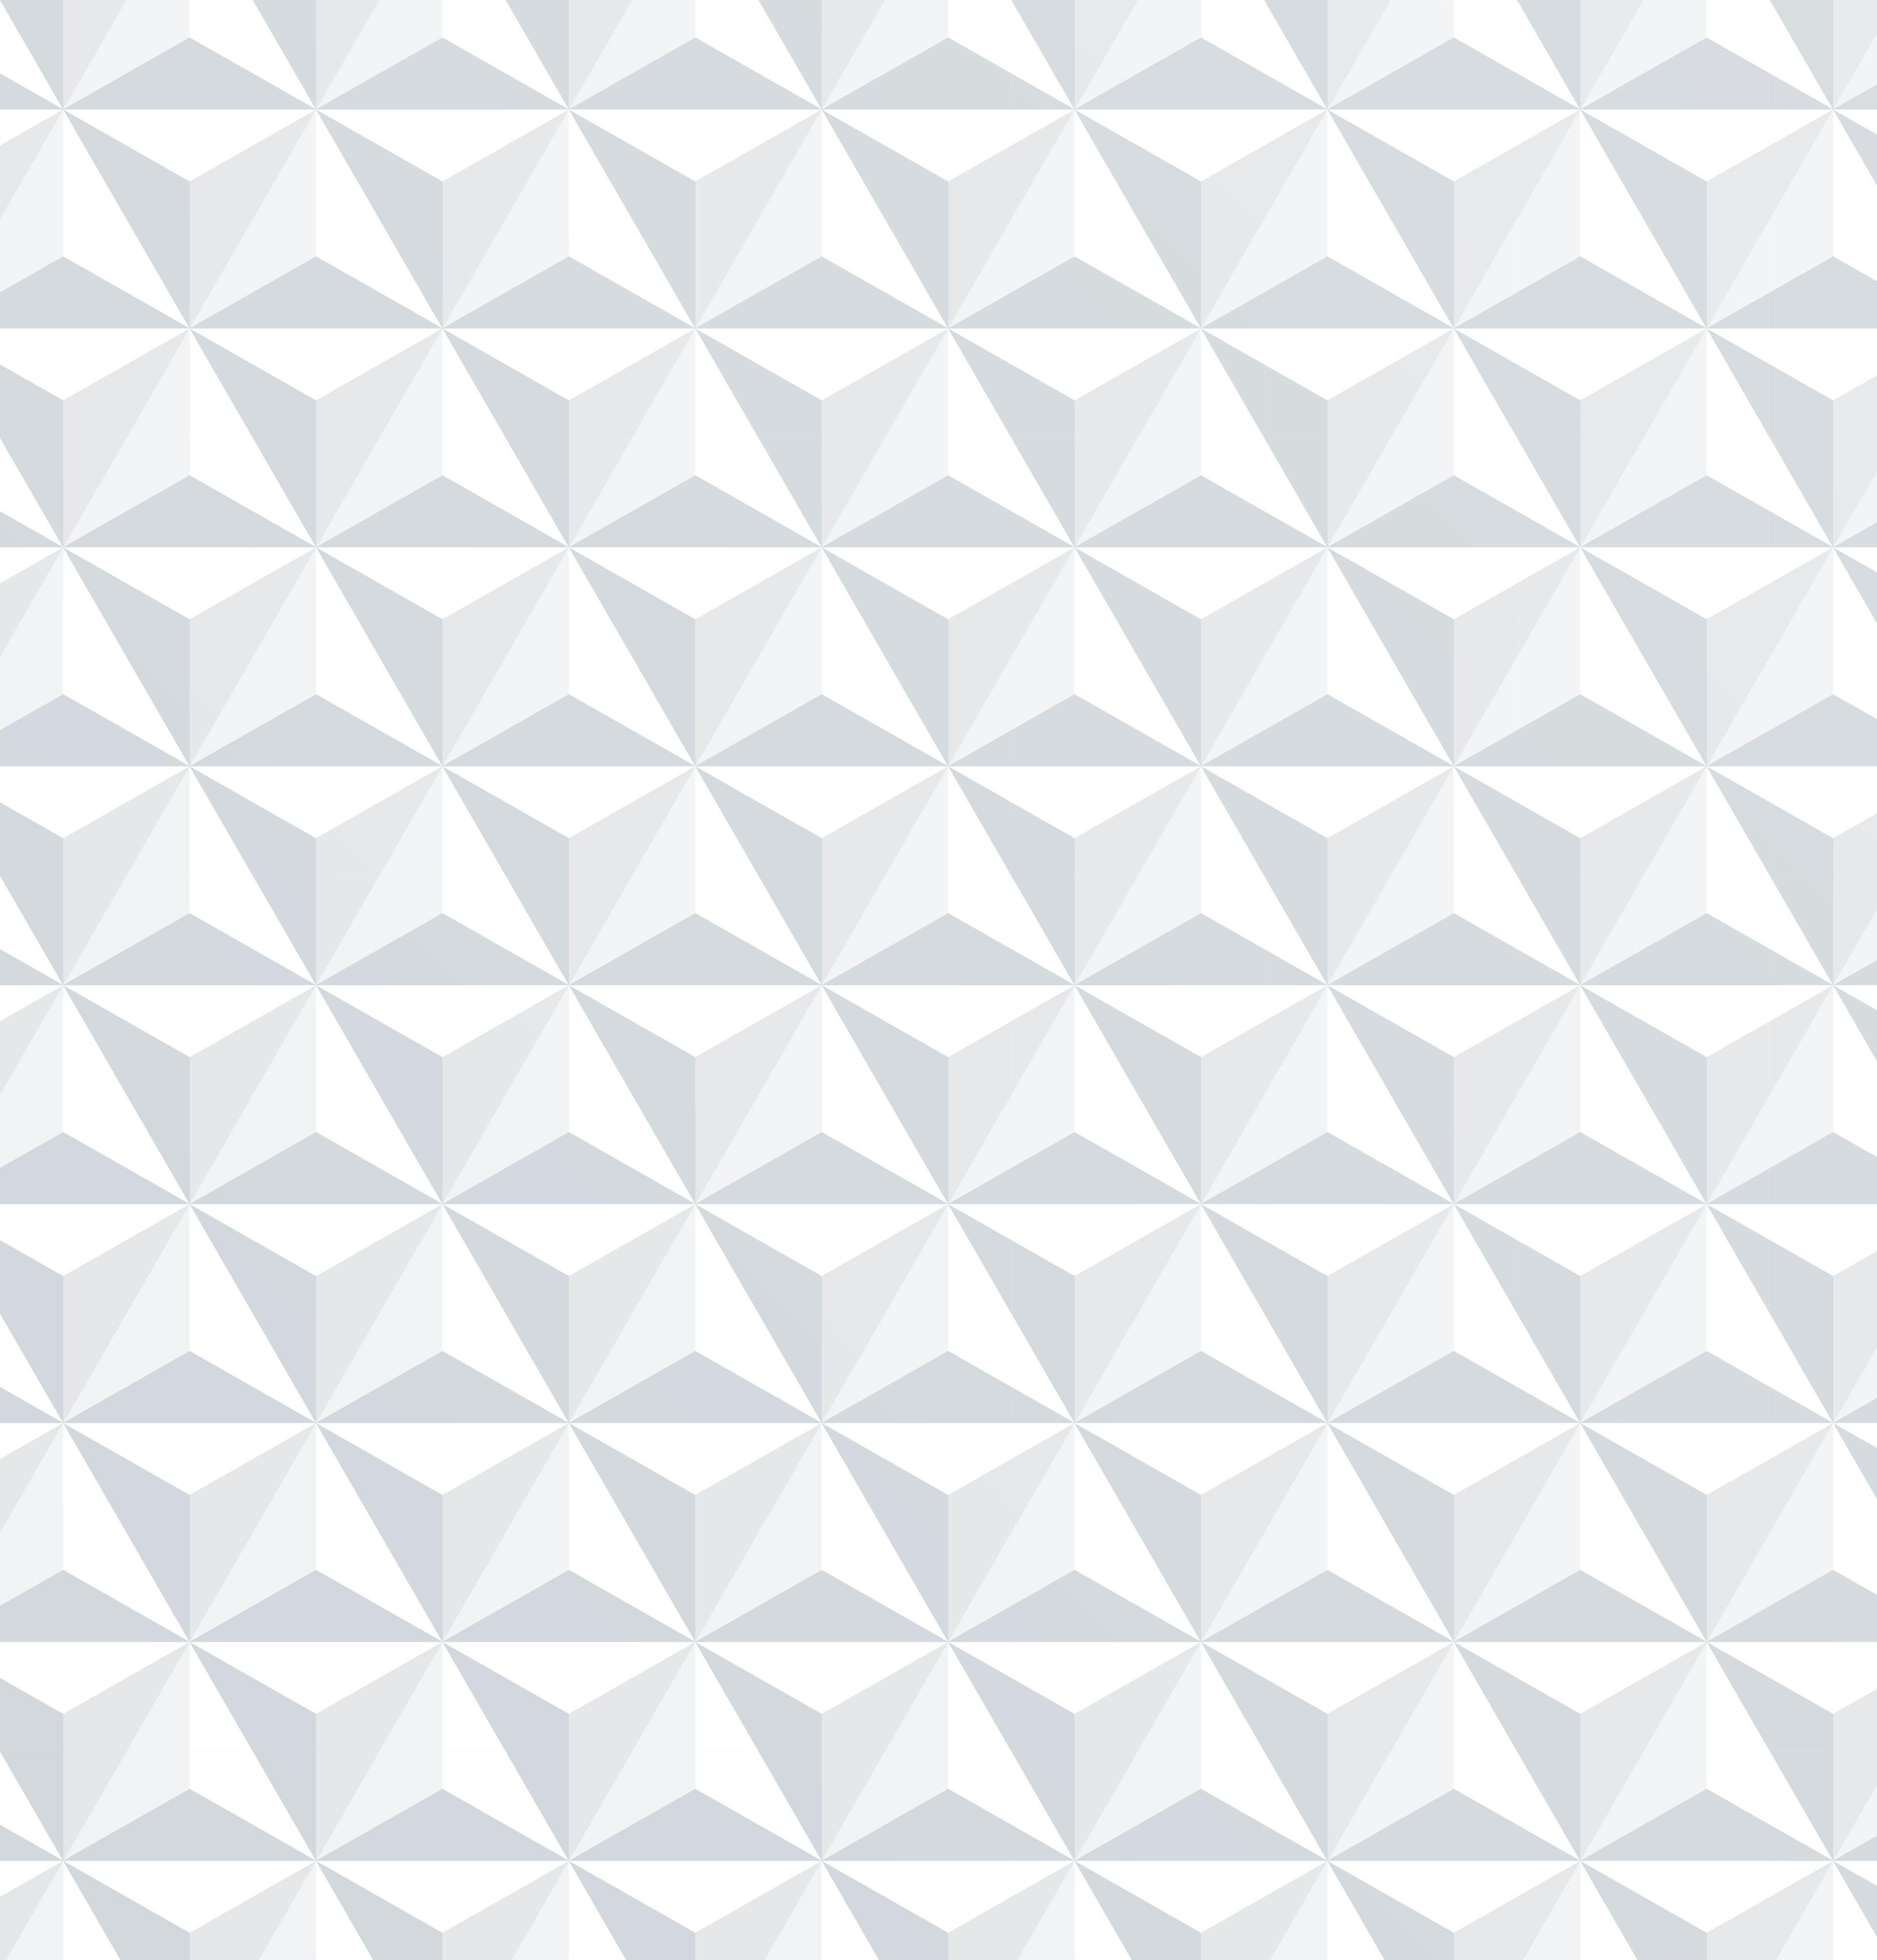 793a15bc3 Papel de parede branco triangulos papel de parede para decoracao jpg  3846x4017 Liso papel de parede